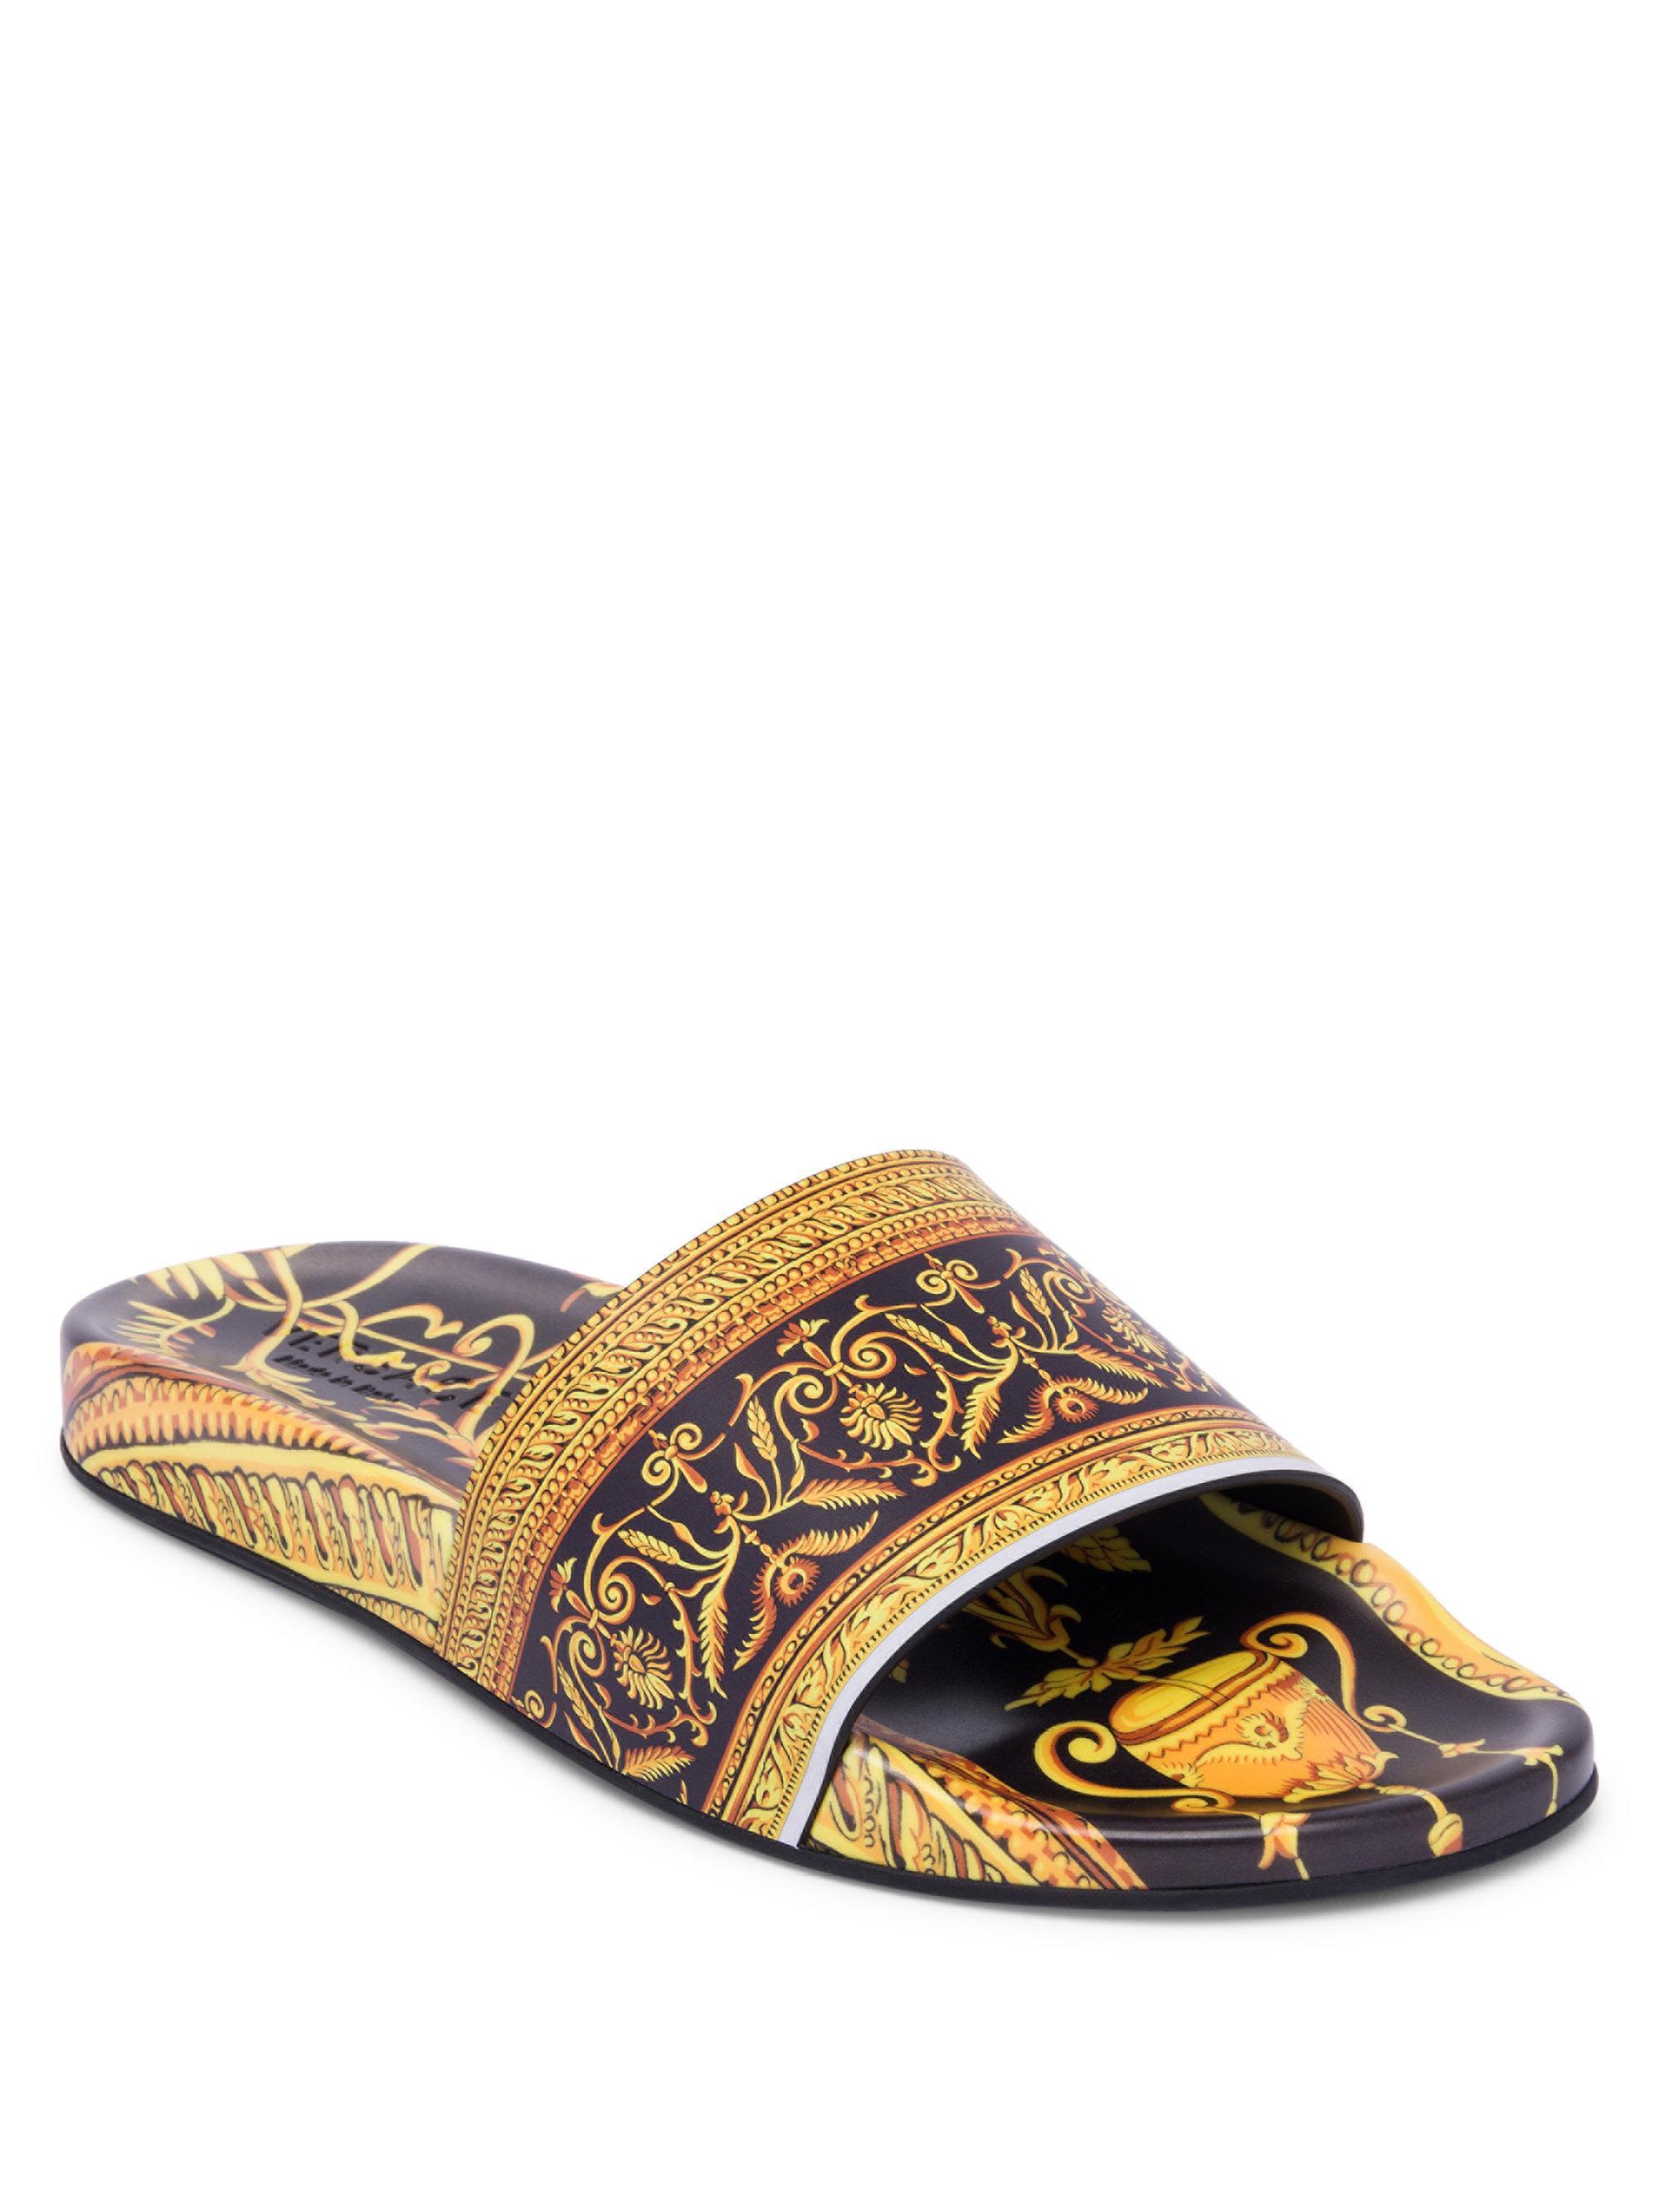 ee0b76ce4ef3 Versace Baroque Print Rubber Slides for Men - Lyst